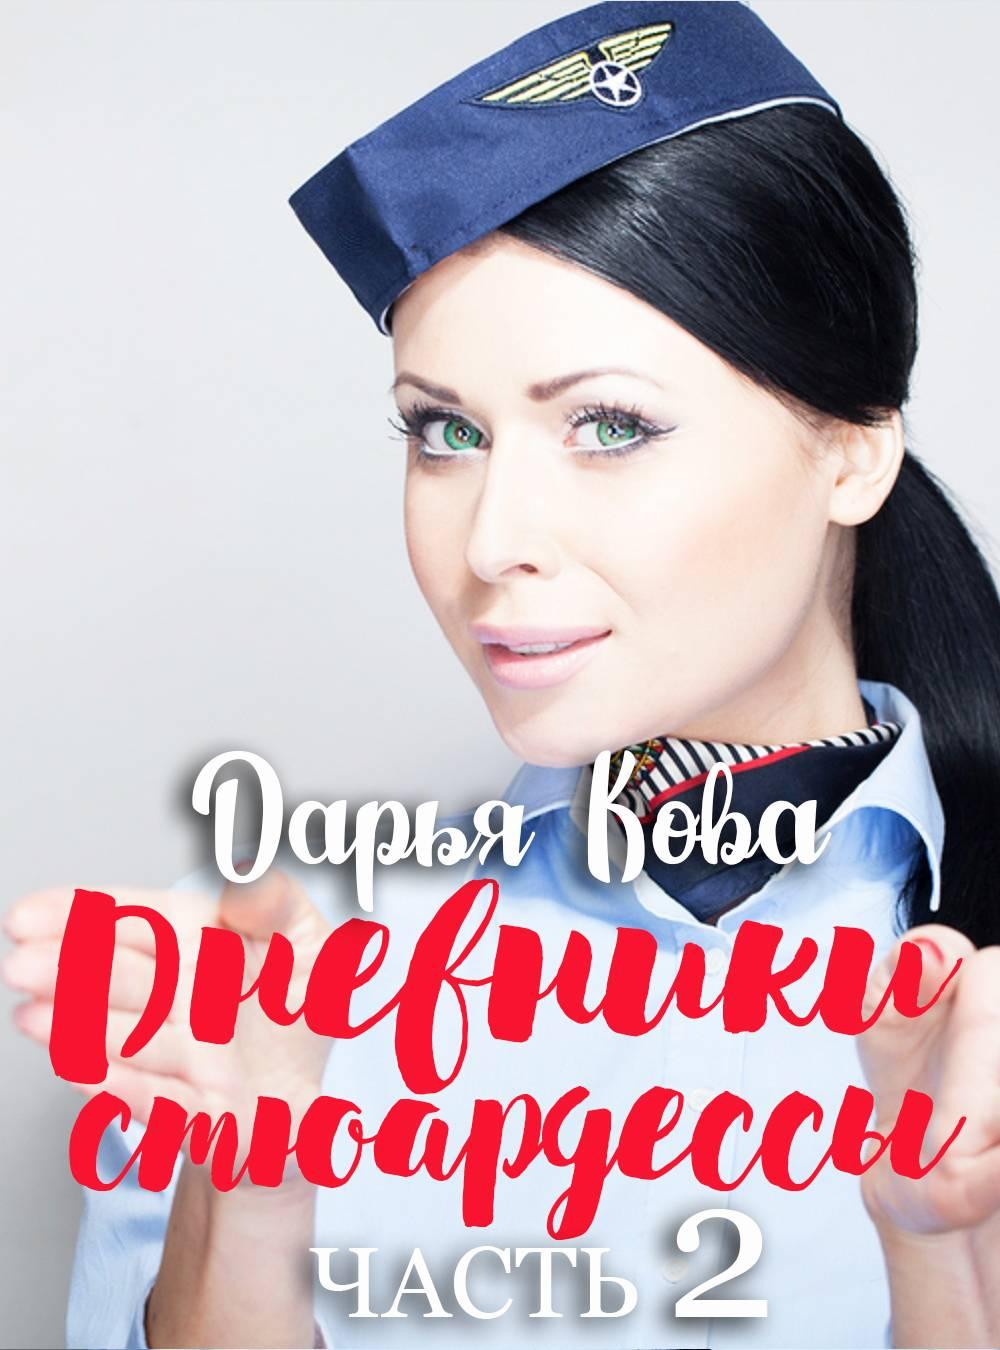 Дарья Кова Дневники стюардессы. Часть 2 авиабилеты аэрофлота